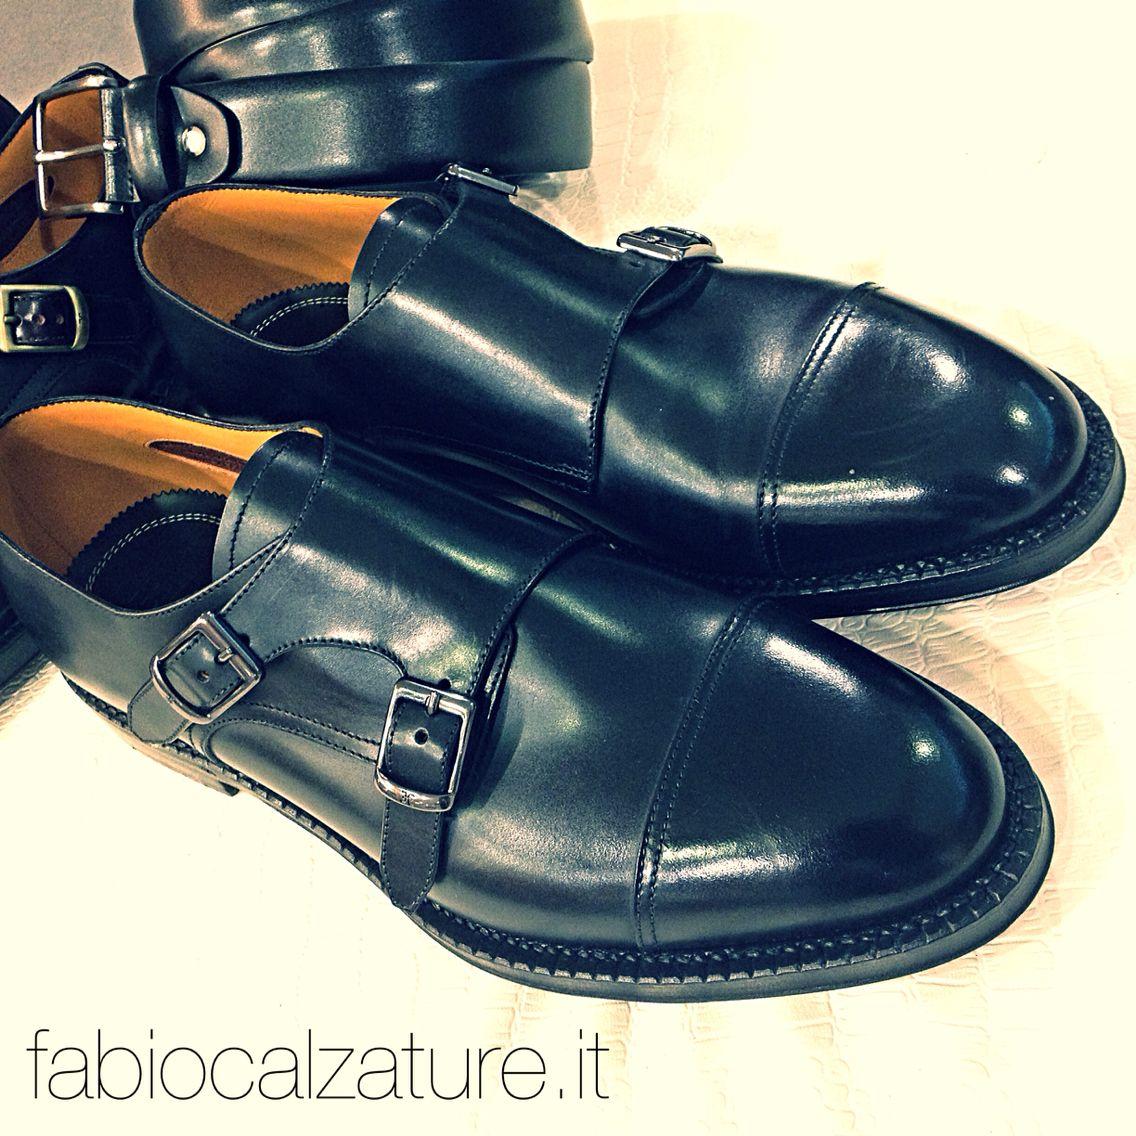 Scarpa elegante uomo Fabi con doppia fibbia! Produzione Made in Italy, massima qualità! Disponibile anche sul nostro shop online www.fabiocalzature.it/shop